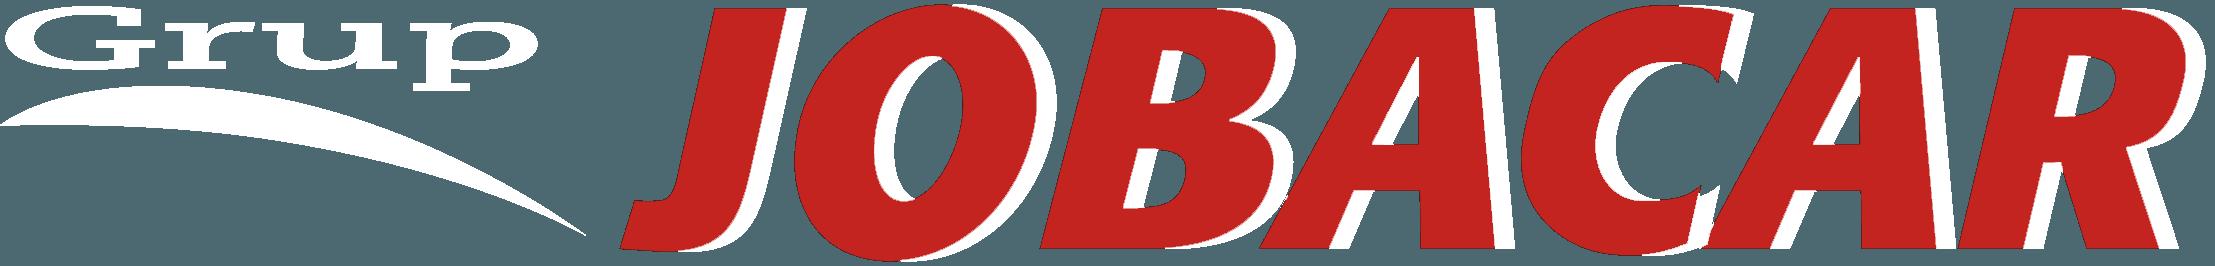 Jobacar Bosch Car Service, Taller Bosch Car Service en Reus (Tarragona)